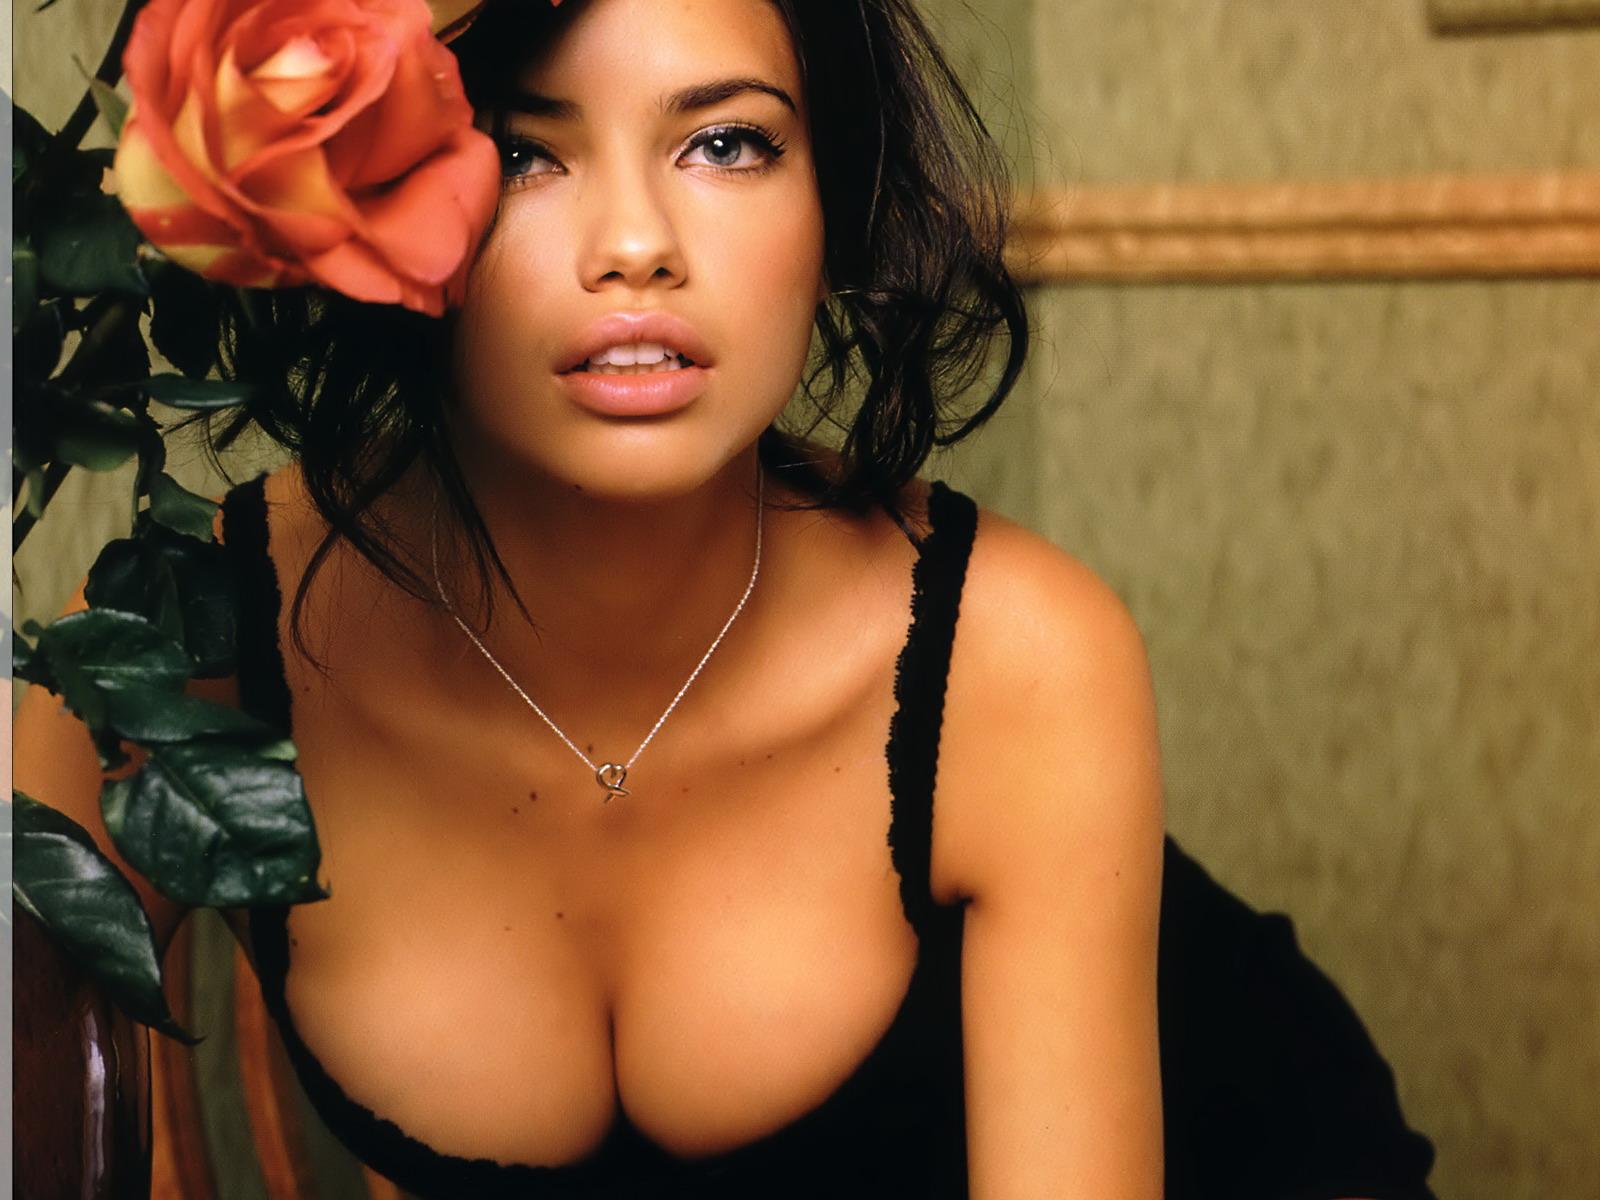 http://2.bp.blogspot.com/_XQsHQXyjWLk/TOdX36Ba-2I/AAAAAAAAAeI/Y5vq2GrUWDI/s1600/Adriana-Lima-Busty.jpg